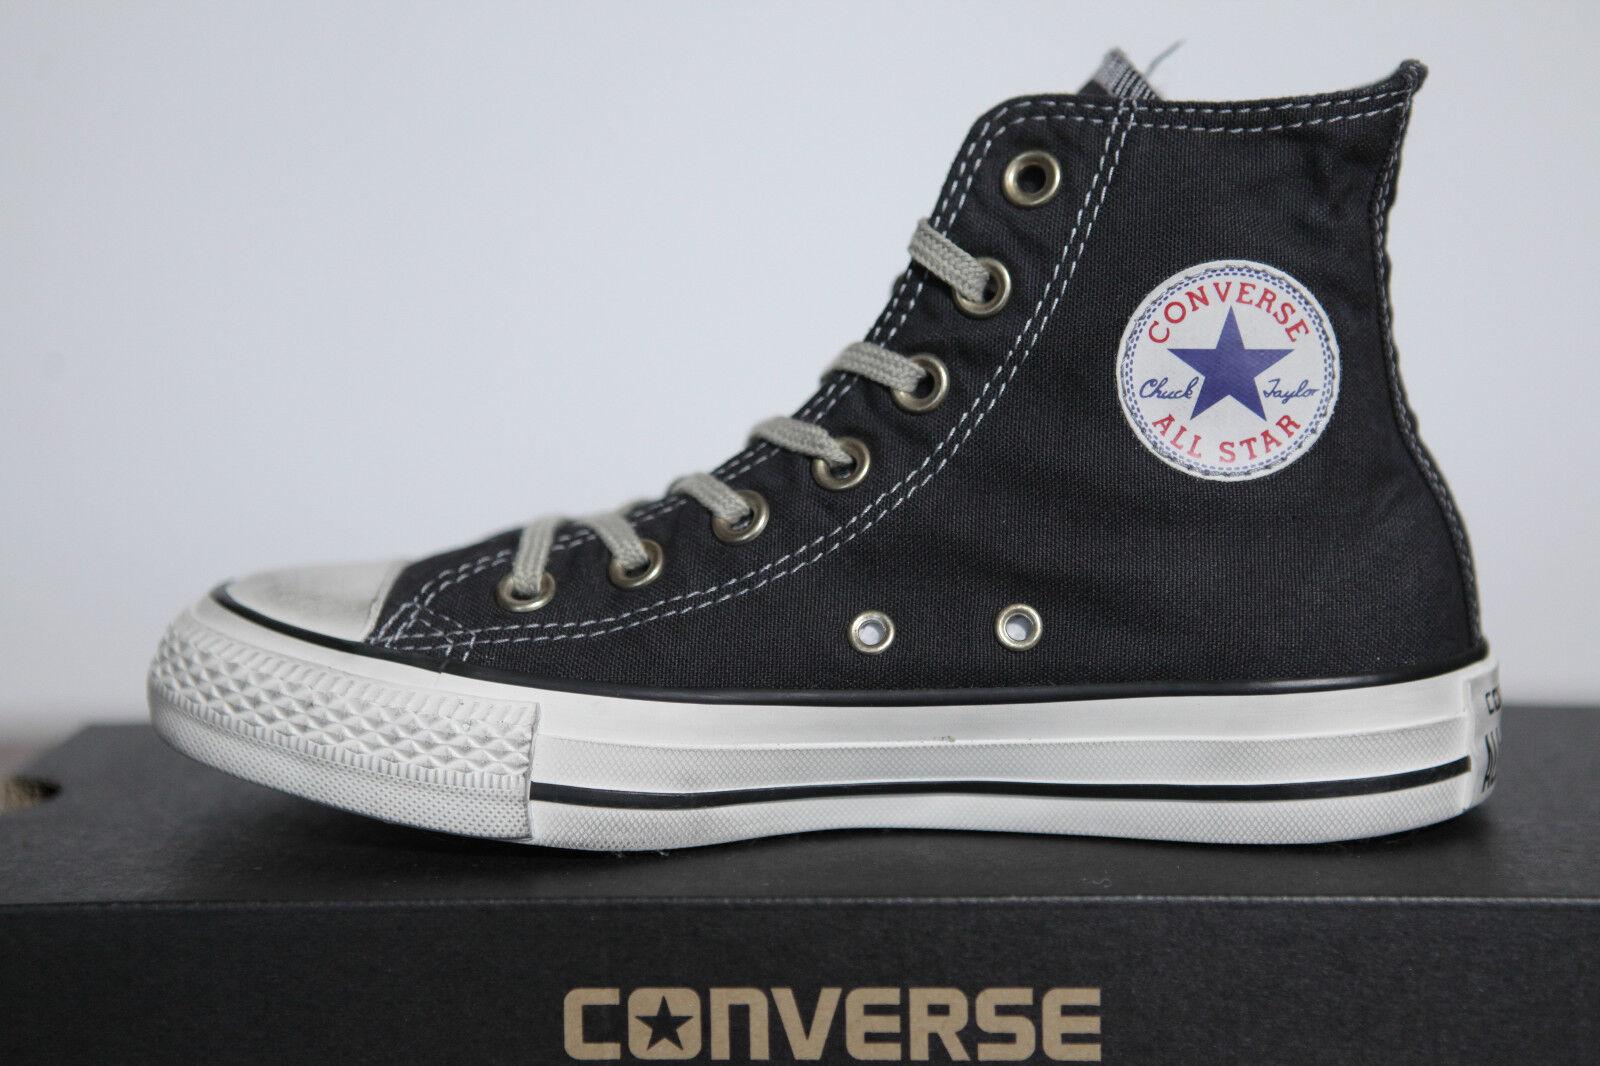 Neu All Star Converse Chucks CT hi Sneaker Schuhe Well Worn 142222c Gr.35 UK